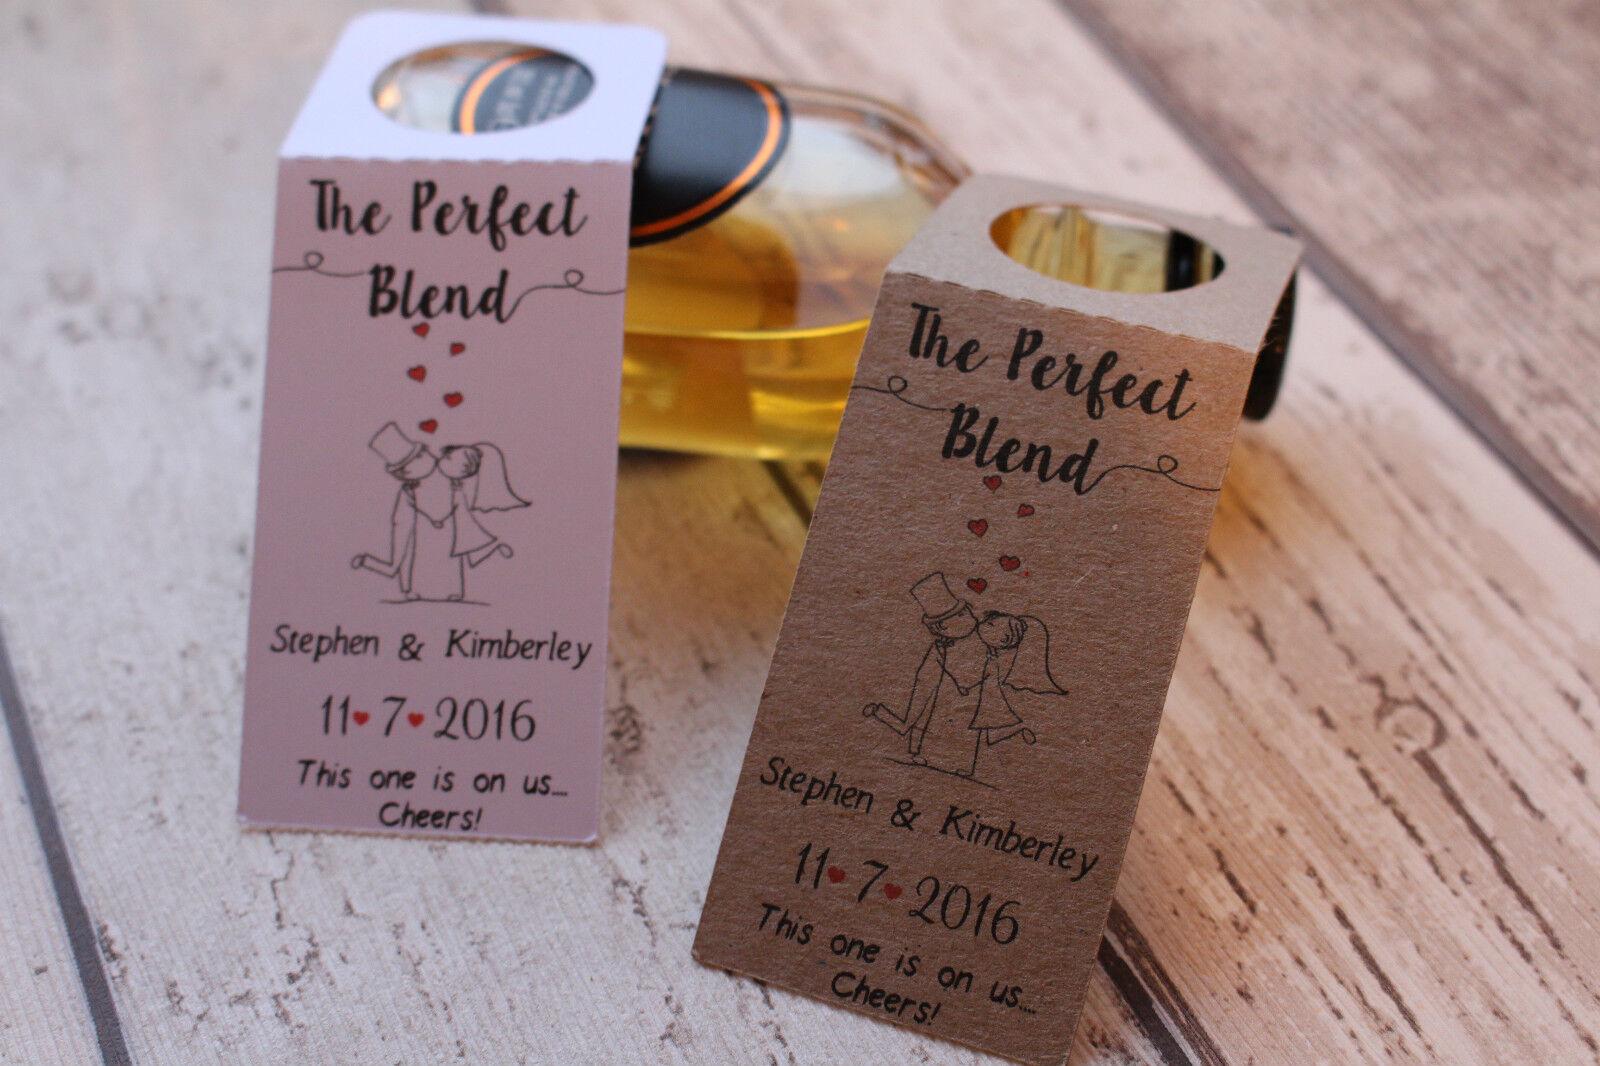 Matrimonio Personalizzato Favore bottiglie Etichette di bottiglie per bottiglie Favore in miniatura-la miscela perfetta 219449